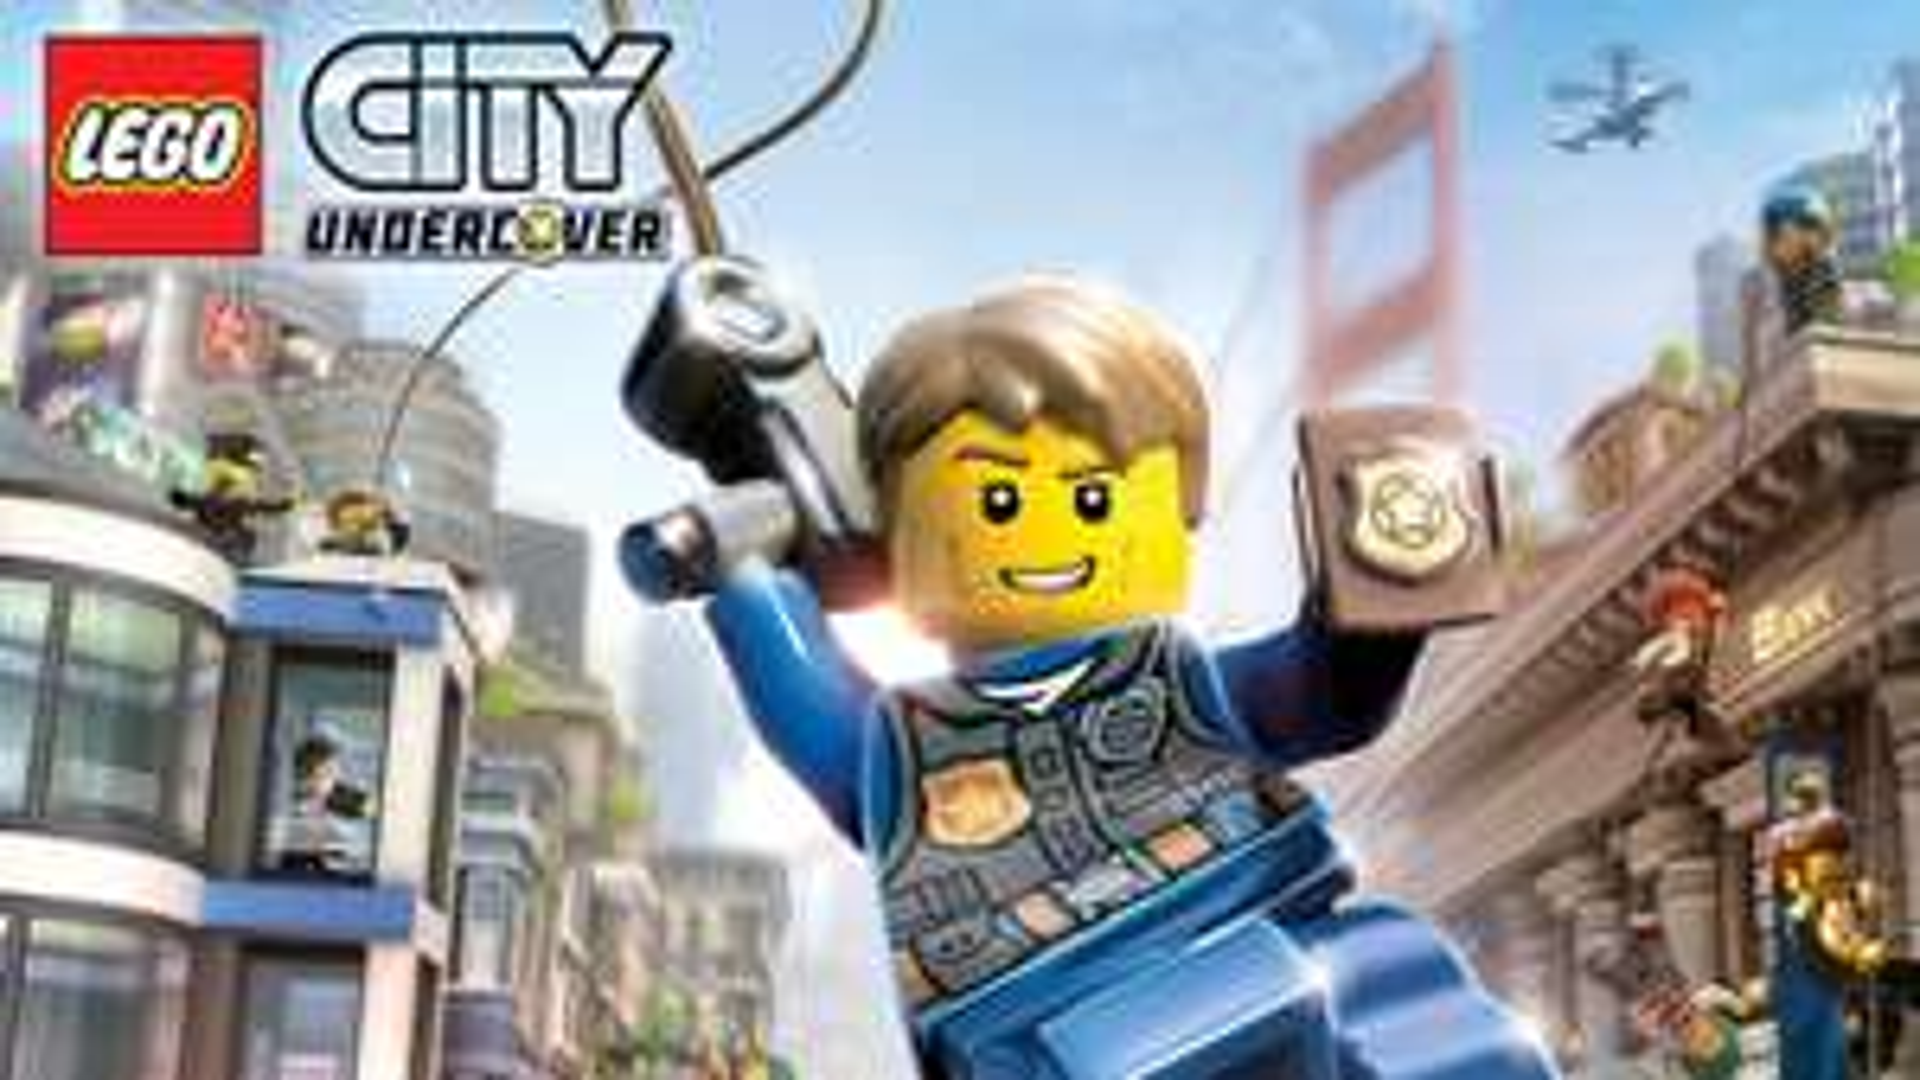 Sélection de jeux Lego en promotion sur Nintendo Switch - Ex : Lego City Undercover sur Nintendo Switch (Dématérialisé - eShop Canadien)